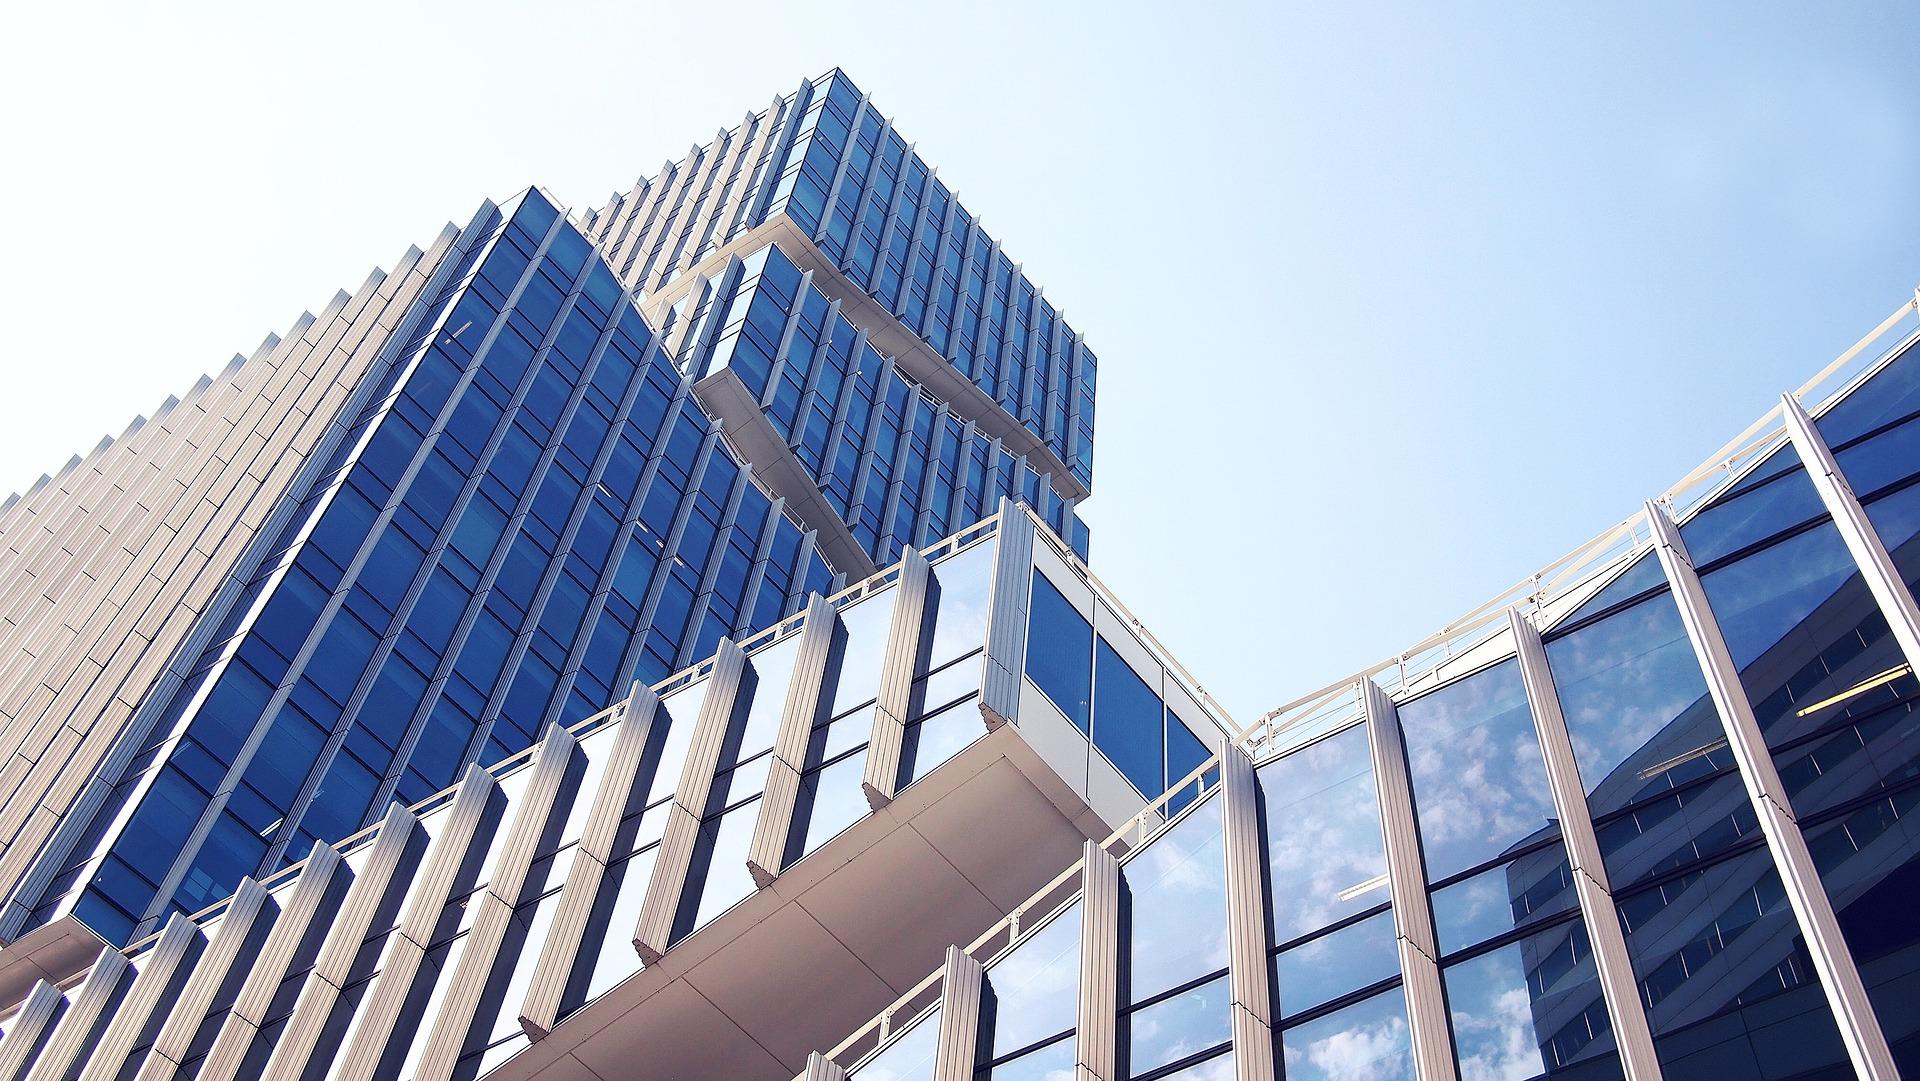 La <b>Transformación Digital</b> en las empresas